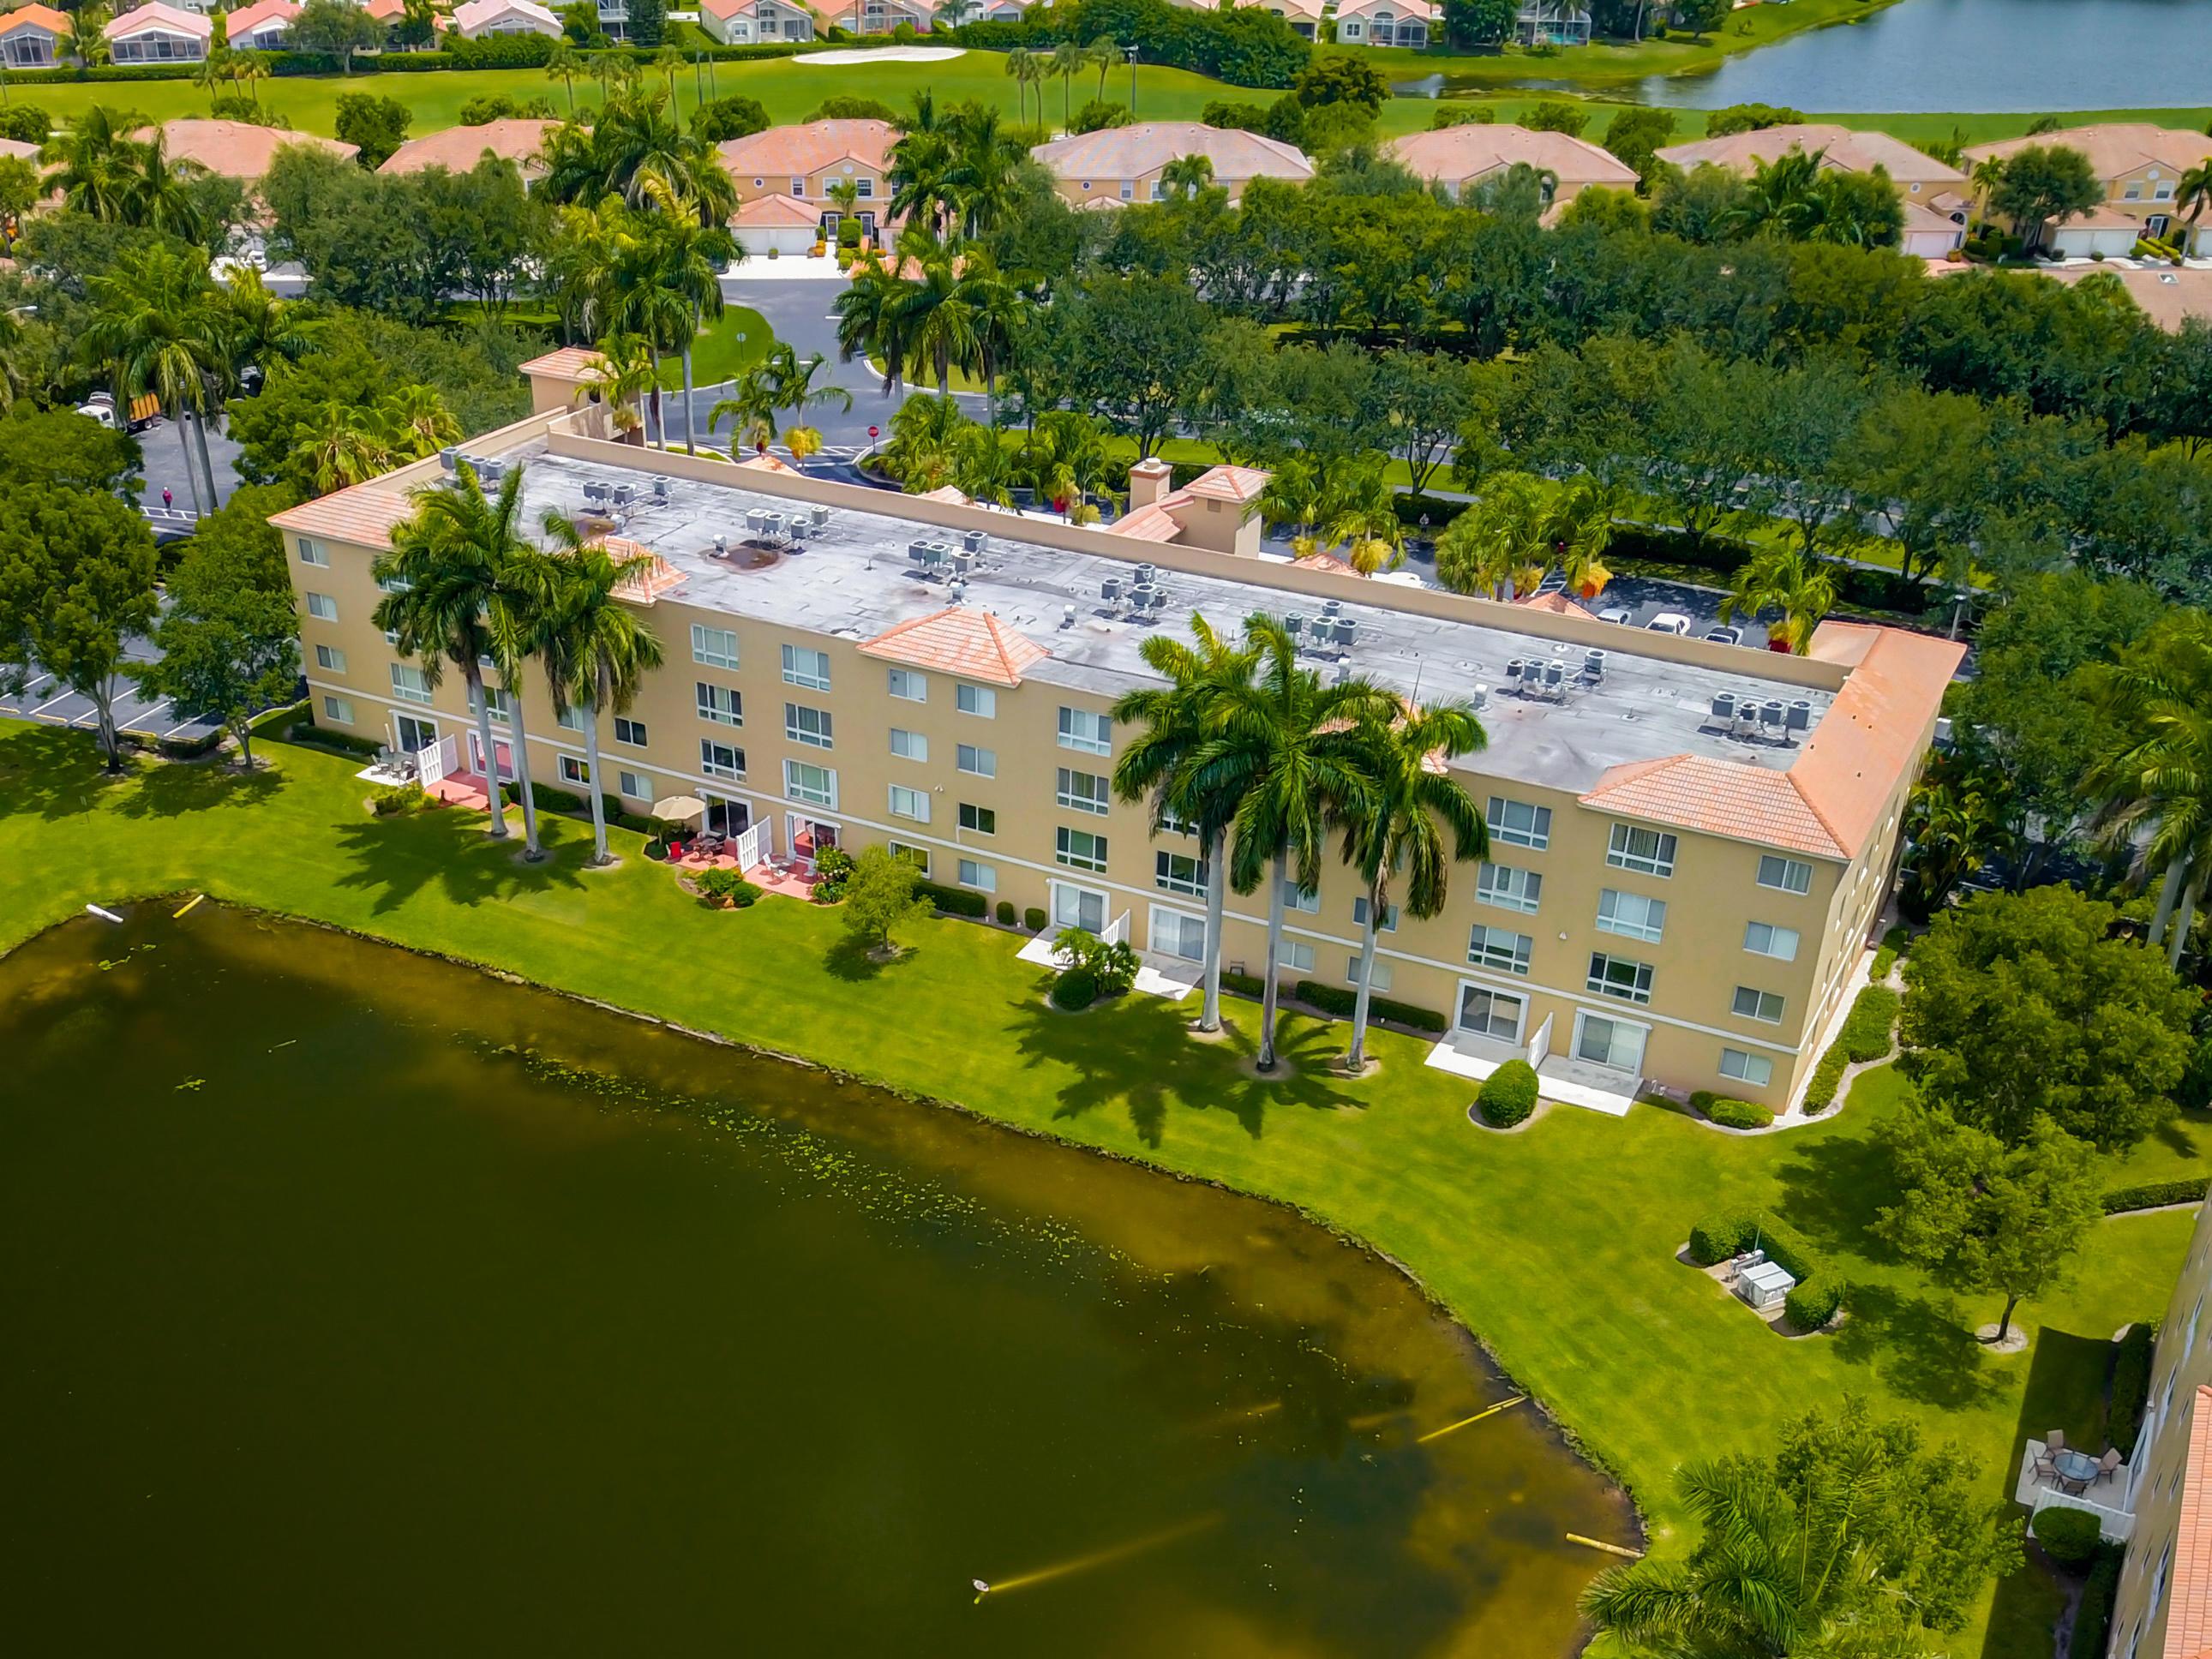 12547 Imperial Isle Drive 402 Boynton Beach, FL 33437 photo 31